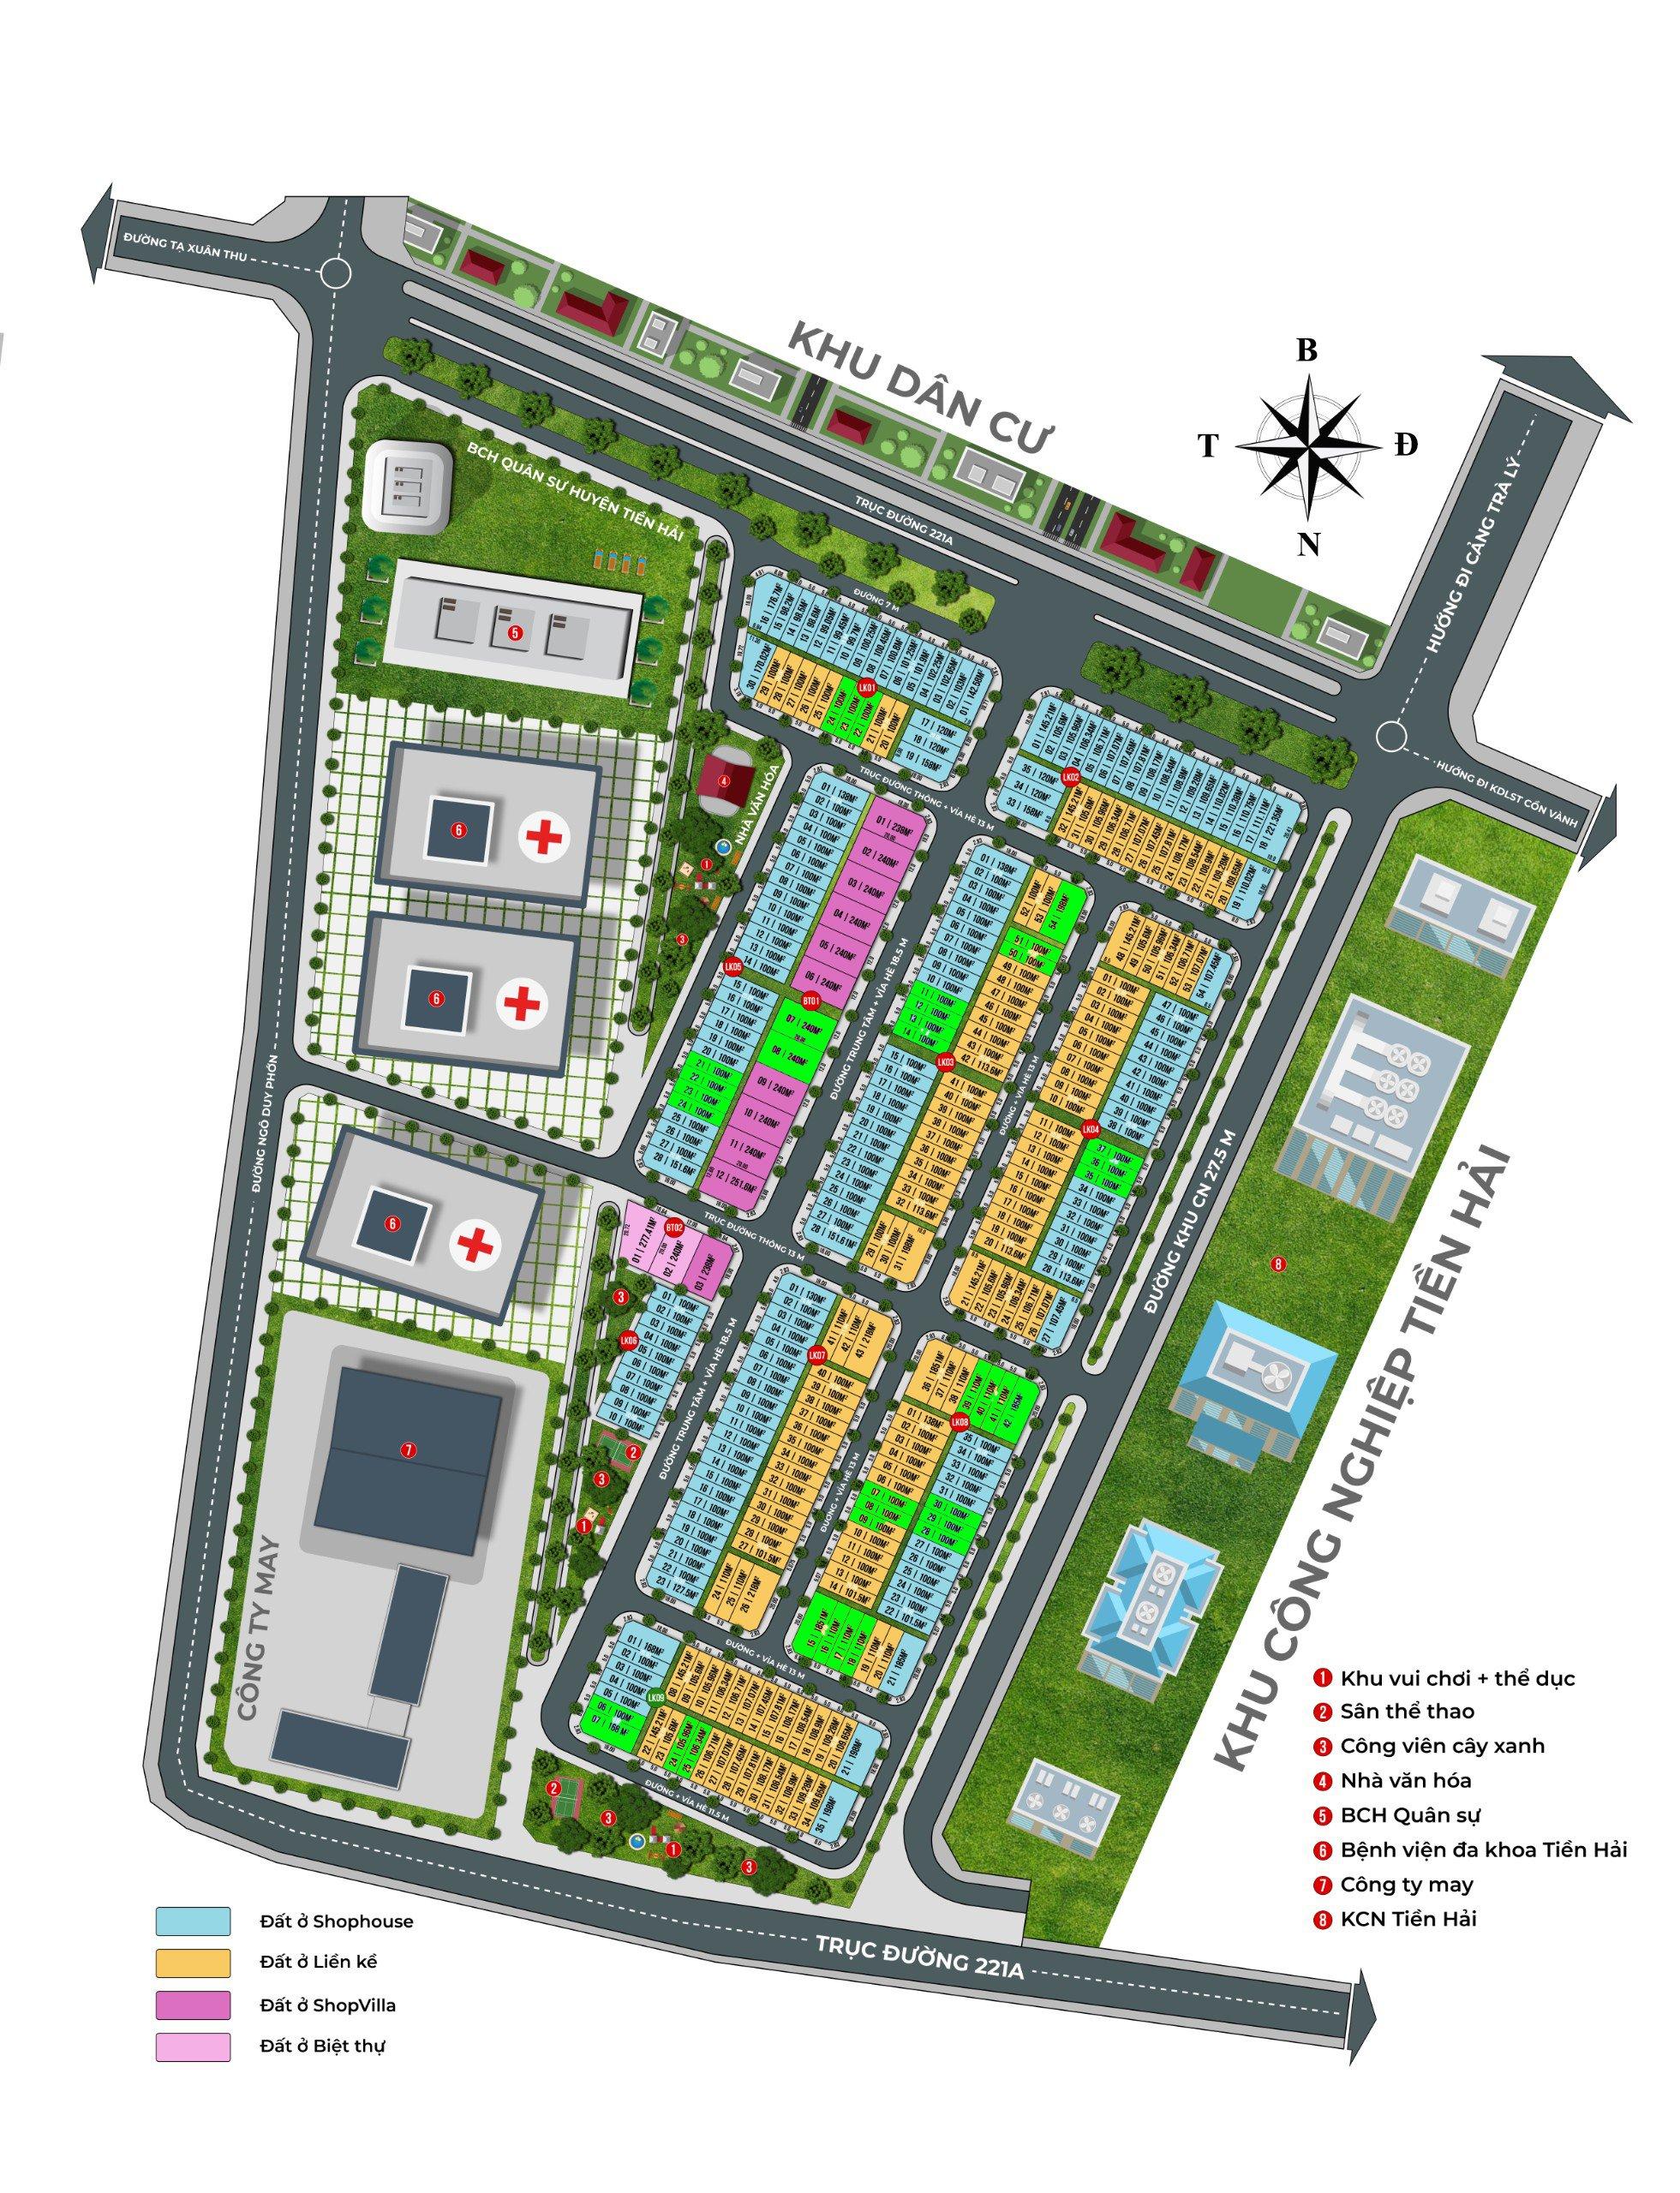 Quy hoạch Phân lô Dự án Khu đô thị Trái Diêm 3 - Tiền Hải Thái Bình